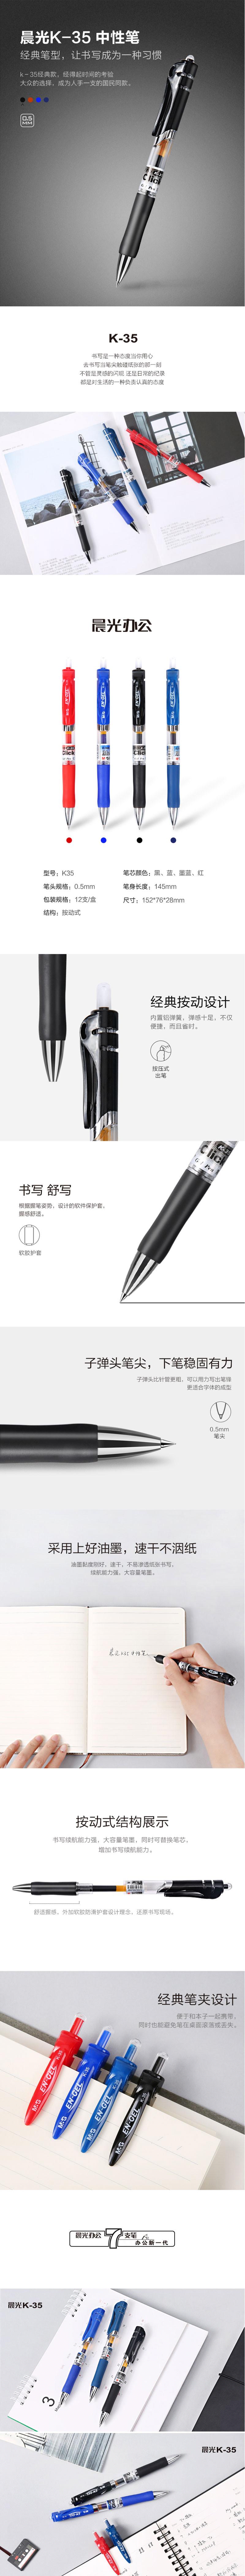 晨光文具中性笔0.5可按动签字笔会议笔黑红蓝水笔学生学习办公用笔-12支K35-tmall.com天猫